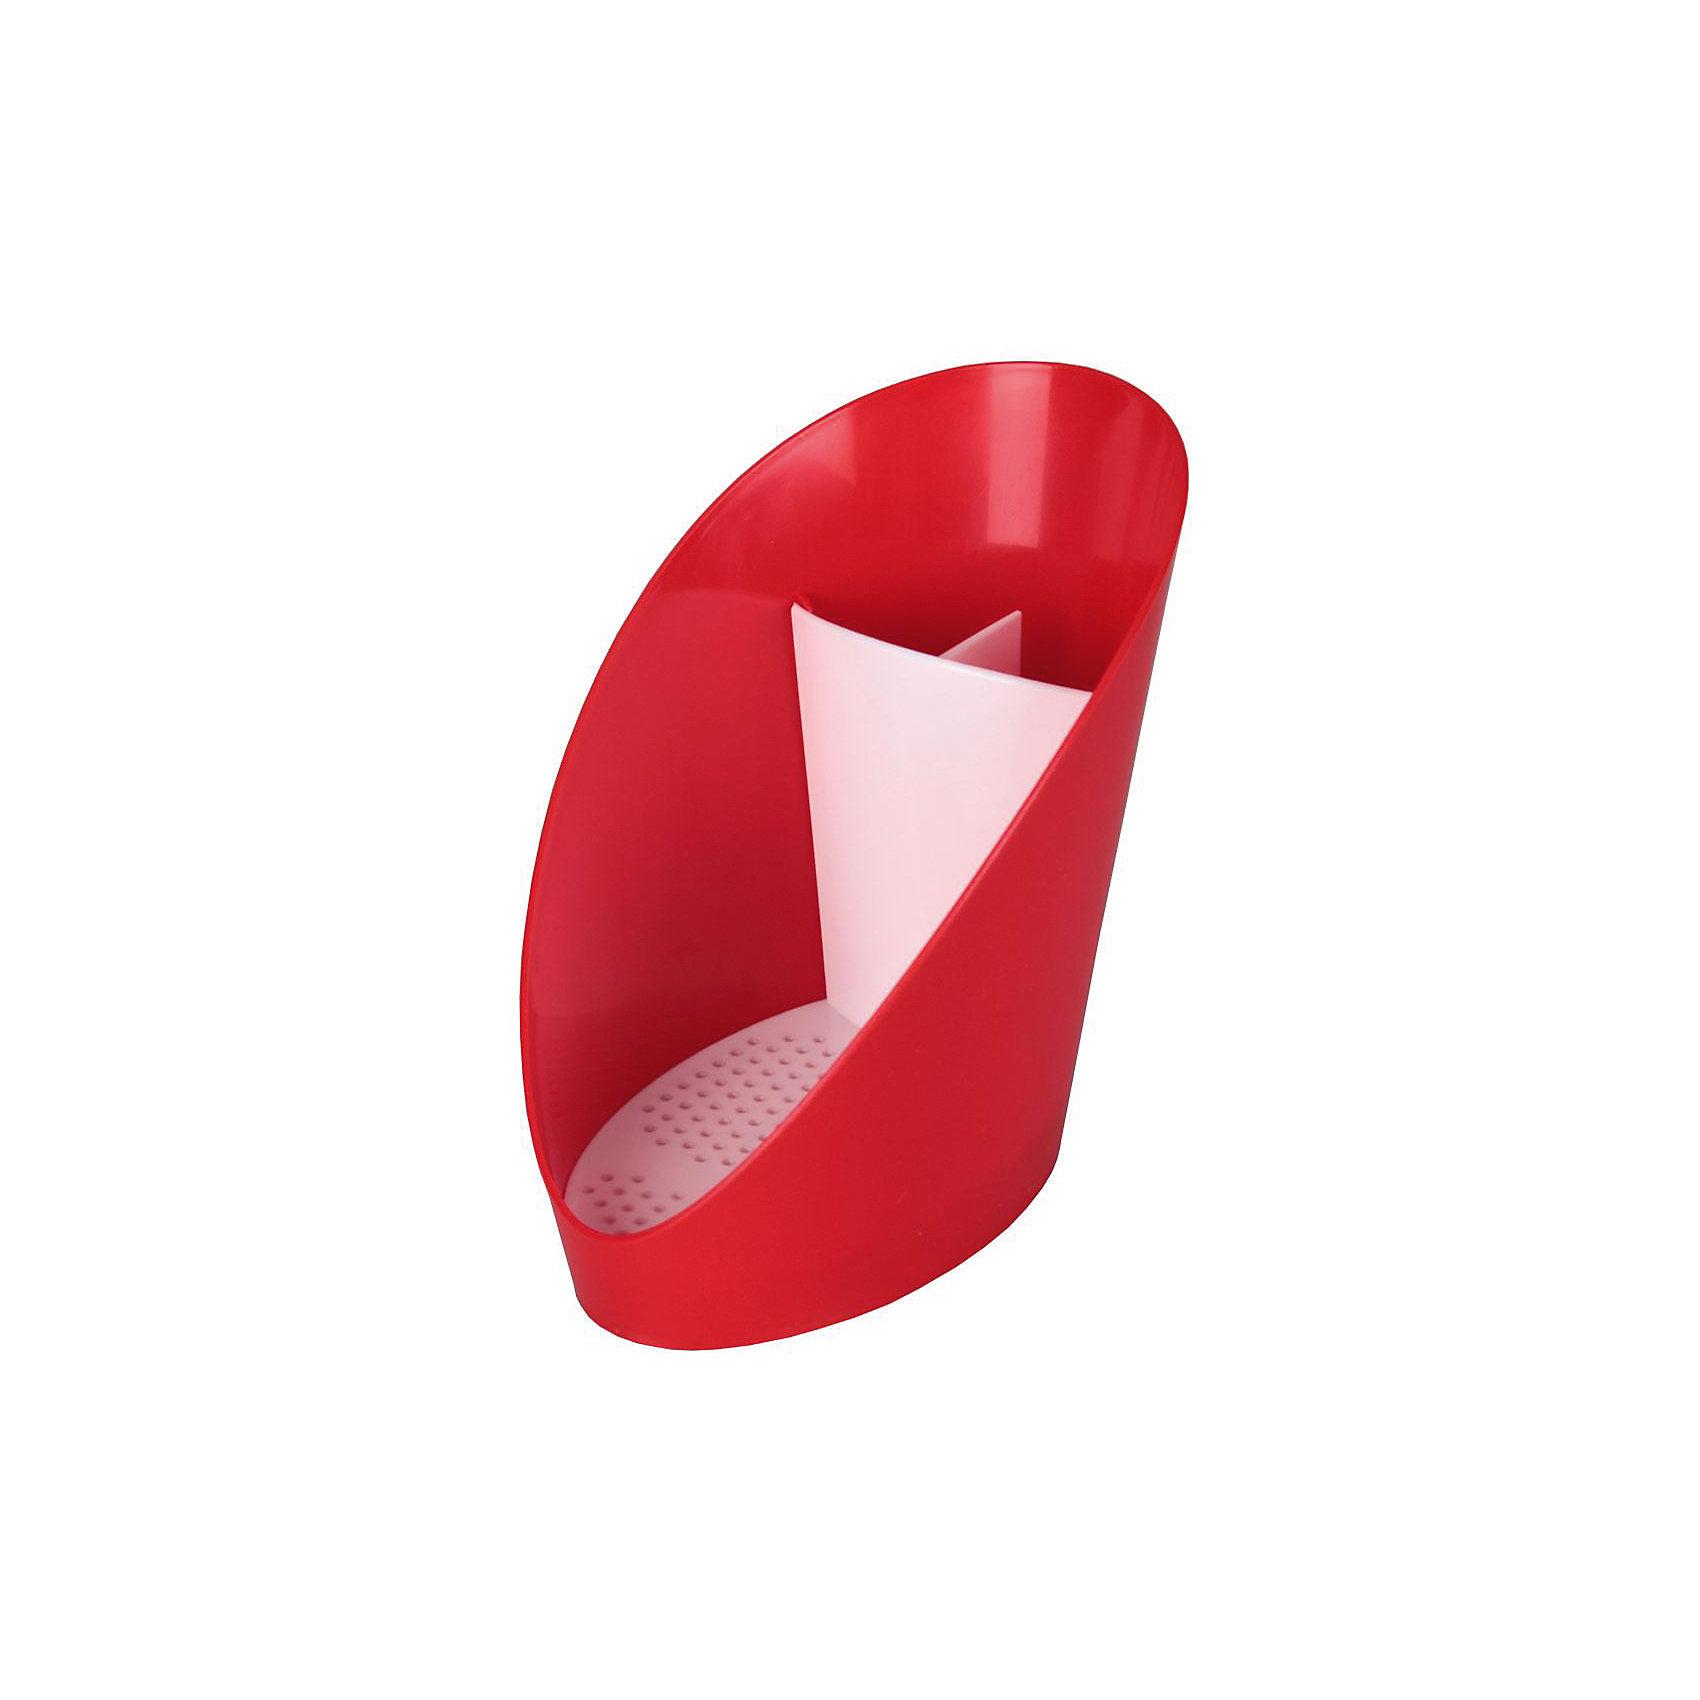 Подставка для моющих средств Изыск , Alternativa, красныйВанная комната<br>Характеристики:<br><br>• Предназначение: для хранения моющих средств<br>• Материал: пластик<br>• Цвет: красный, белый<br>• Размер (Д*Ш*В): 48*24*38 см<br>• Форма: овальная<br>• Наличие съемного поддона<br>• Особенности ухода: разрешается мыть теплой водой<br><br>Подставка для моющих средств Изыск, Alternativa, красный изготовлена отечественным производителем ООО ЗПИ Альтернатива, который специализируется на выпуске широкого спектра изделий из пластика. Изделие выполнено из безопасного и прочного пластика, устойчивого к механическим повреждениям. Подставка имеет овальную форму оснащего съемным поддоном, благодаря которому изделие легко мыть. Поставка имеет три отсека. Внешний корпус выполнен в красном цвете, съемный поддон – белый. Подставка д\моющих средств Изыск, Alternativa, красный обеспечит порядок на кухне и ванной комнате.<br><br>Подставку для моющих средств Изыск, Alternativa, красную можно купить в нашем интернет-магазине.<br><br>Ширина мм: 107<br>Глубина мм: 150<br>Высота мм: 145<br>Вес г: 83<br>Возраст от месяцев: 6<br>Возраст до месяцев: 588<br>Пол: Унисекс<br>Возраст: Детский<br>SKU: 5096666